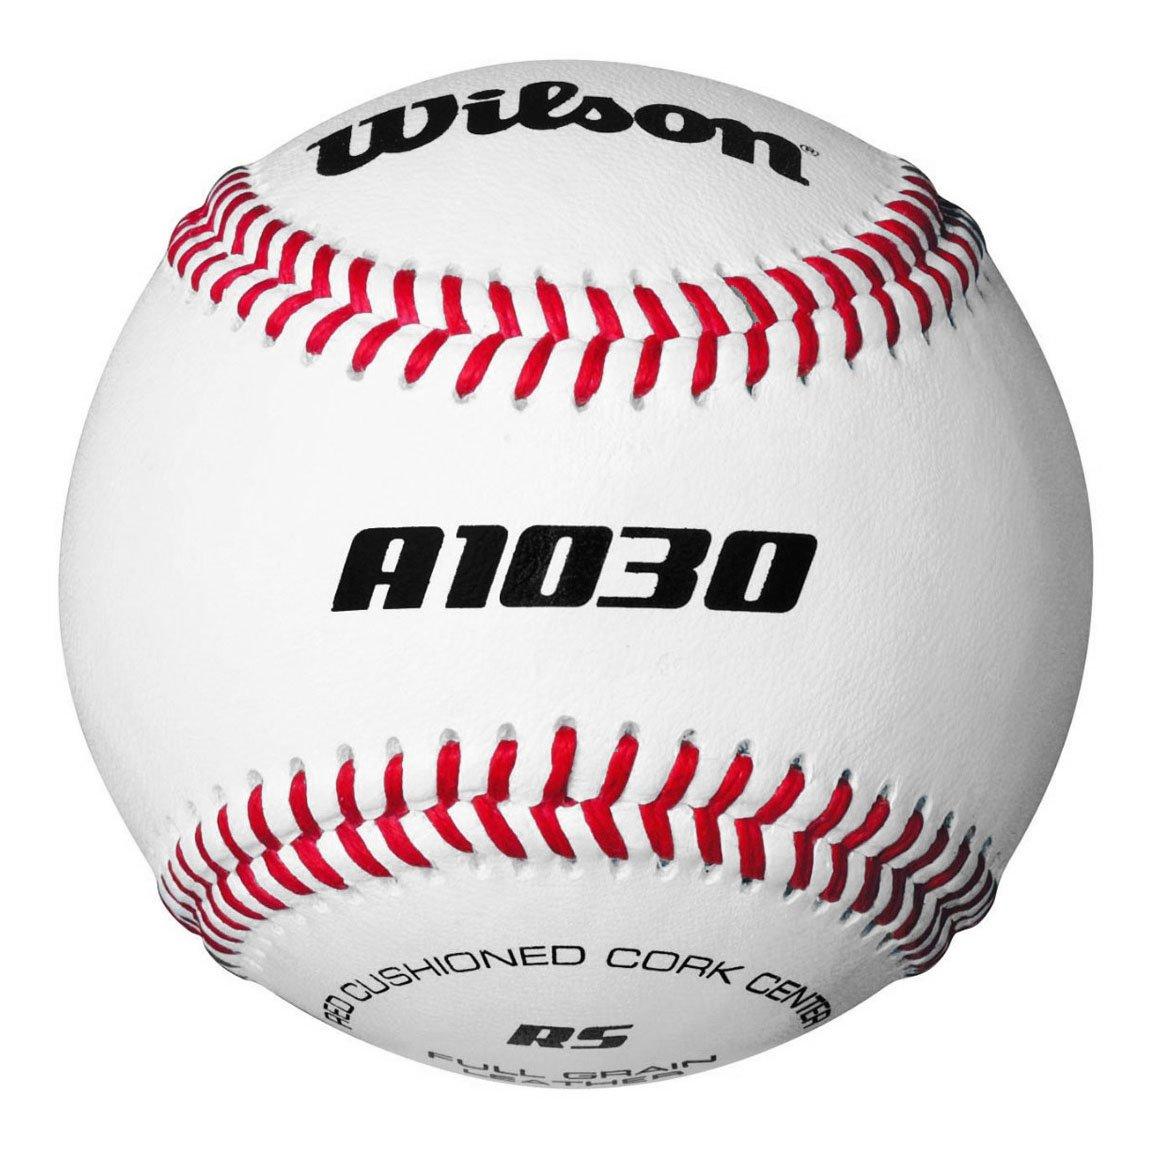 Bola de Bé isbol Oficial de la Liga Costura Resaltada Wilson A1030